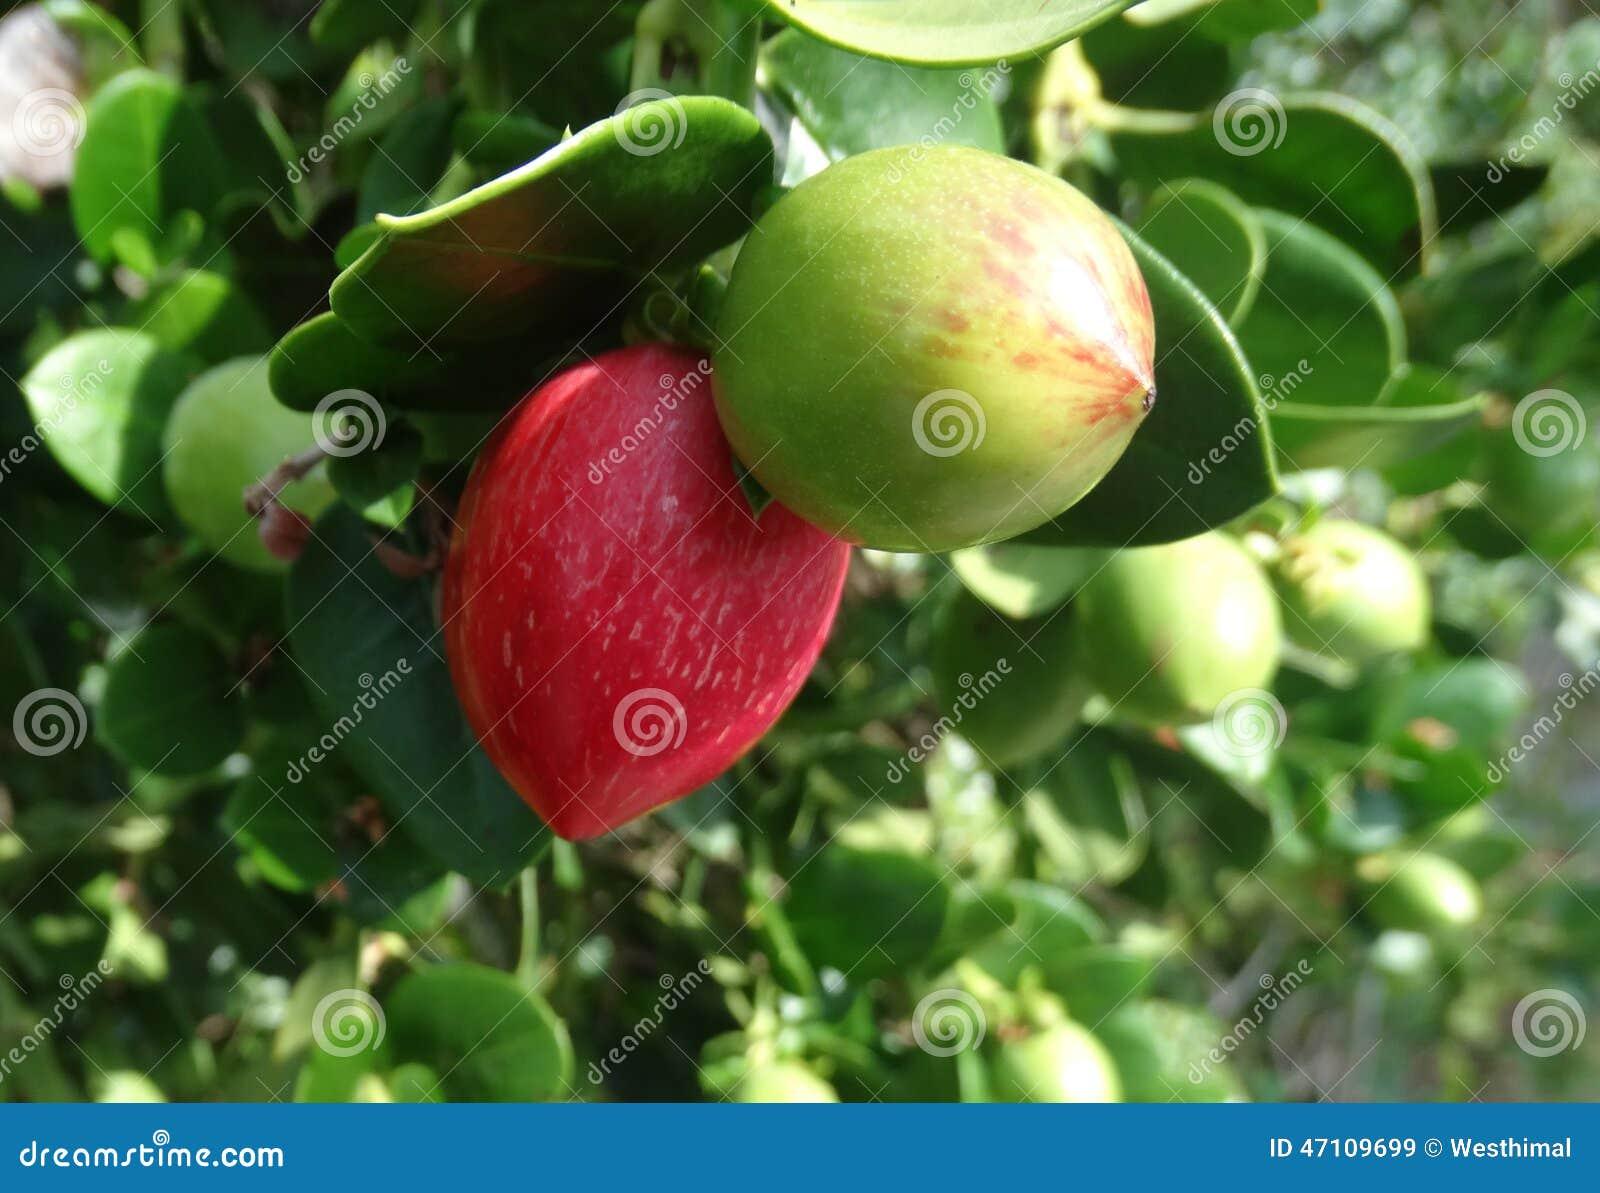 Natal plum, Large Num Num, Carissa macrocarpa